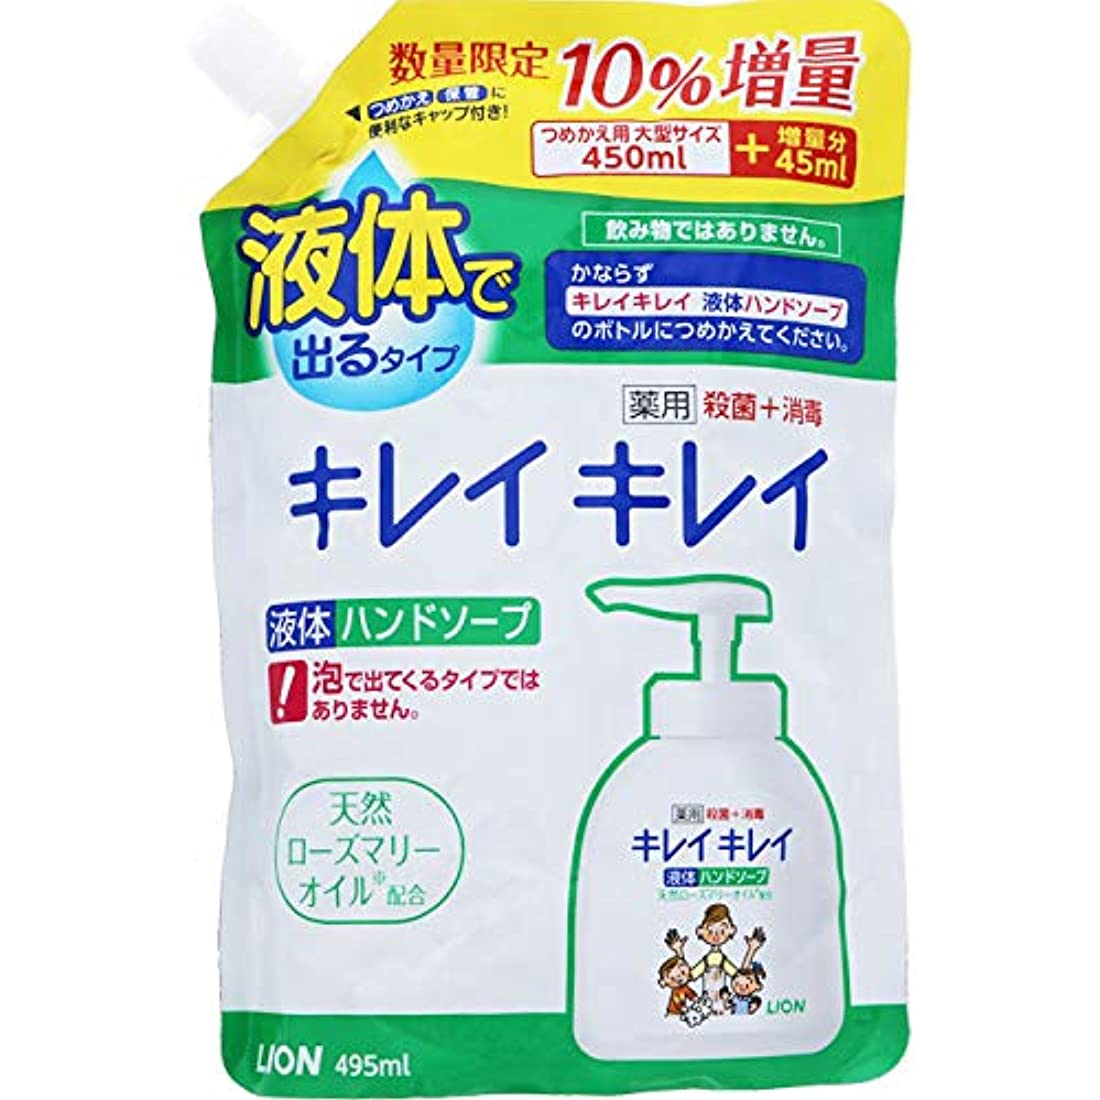 やがてビーム部屋を掃除するライオン キレイキレイ 薬用ハンドソープ 詰替用大型増量 450+45ml